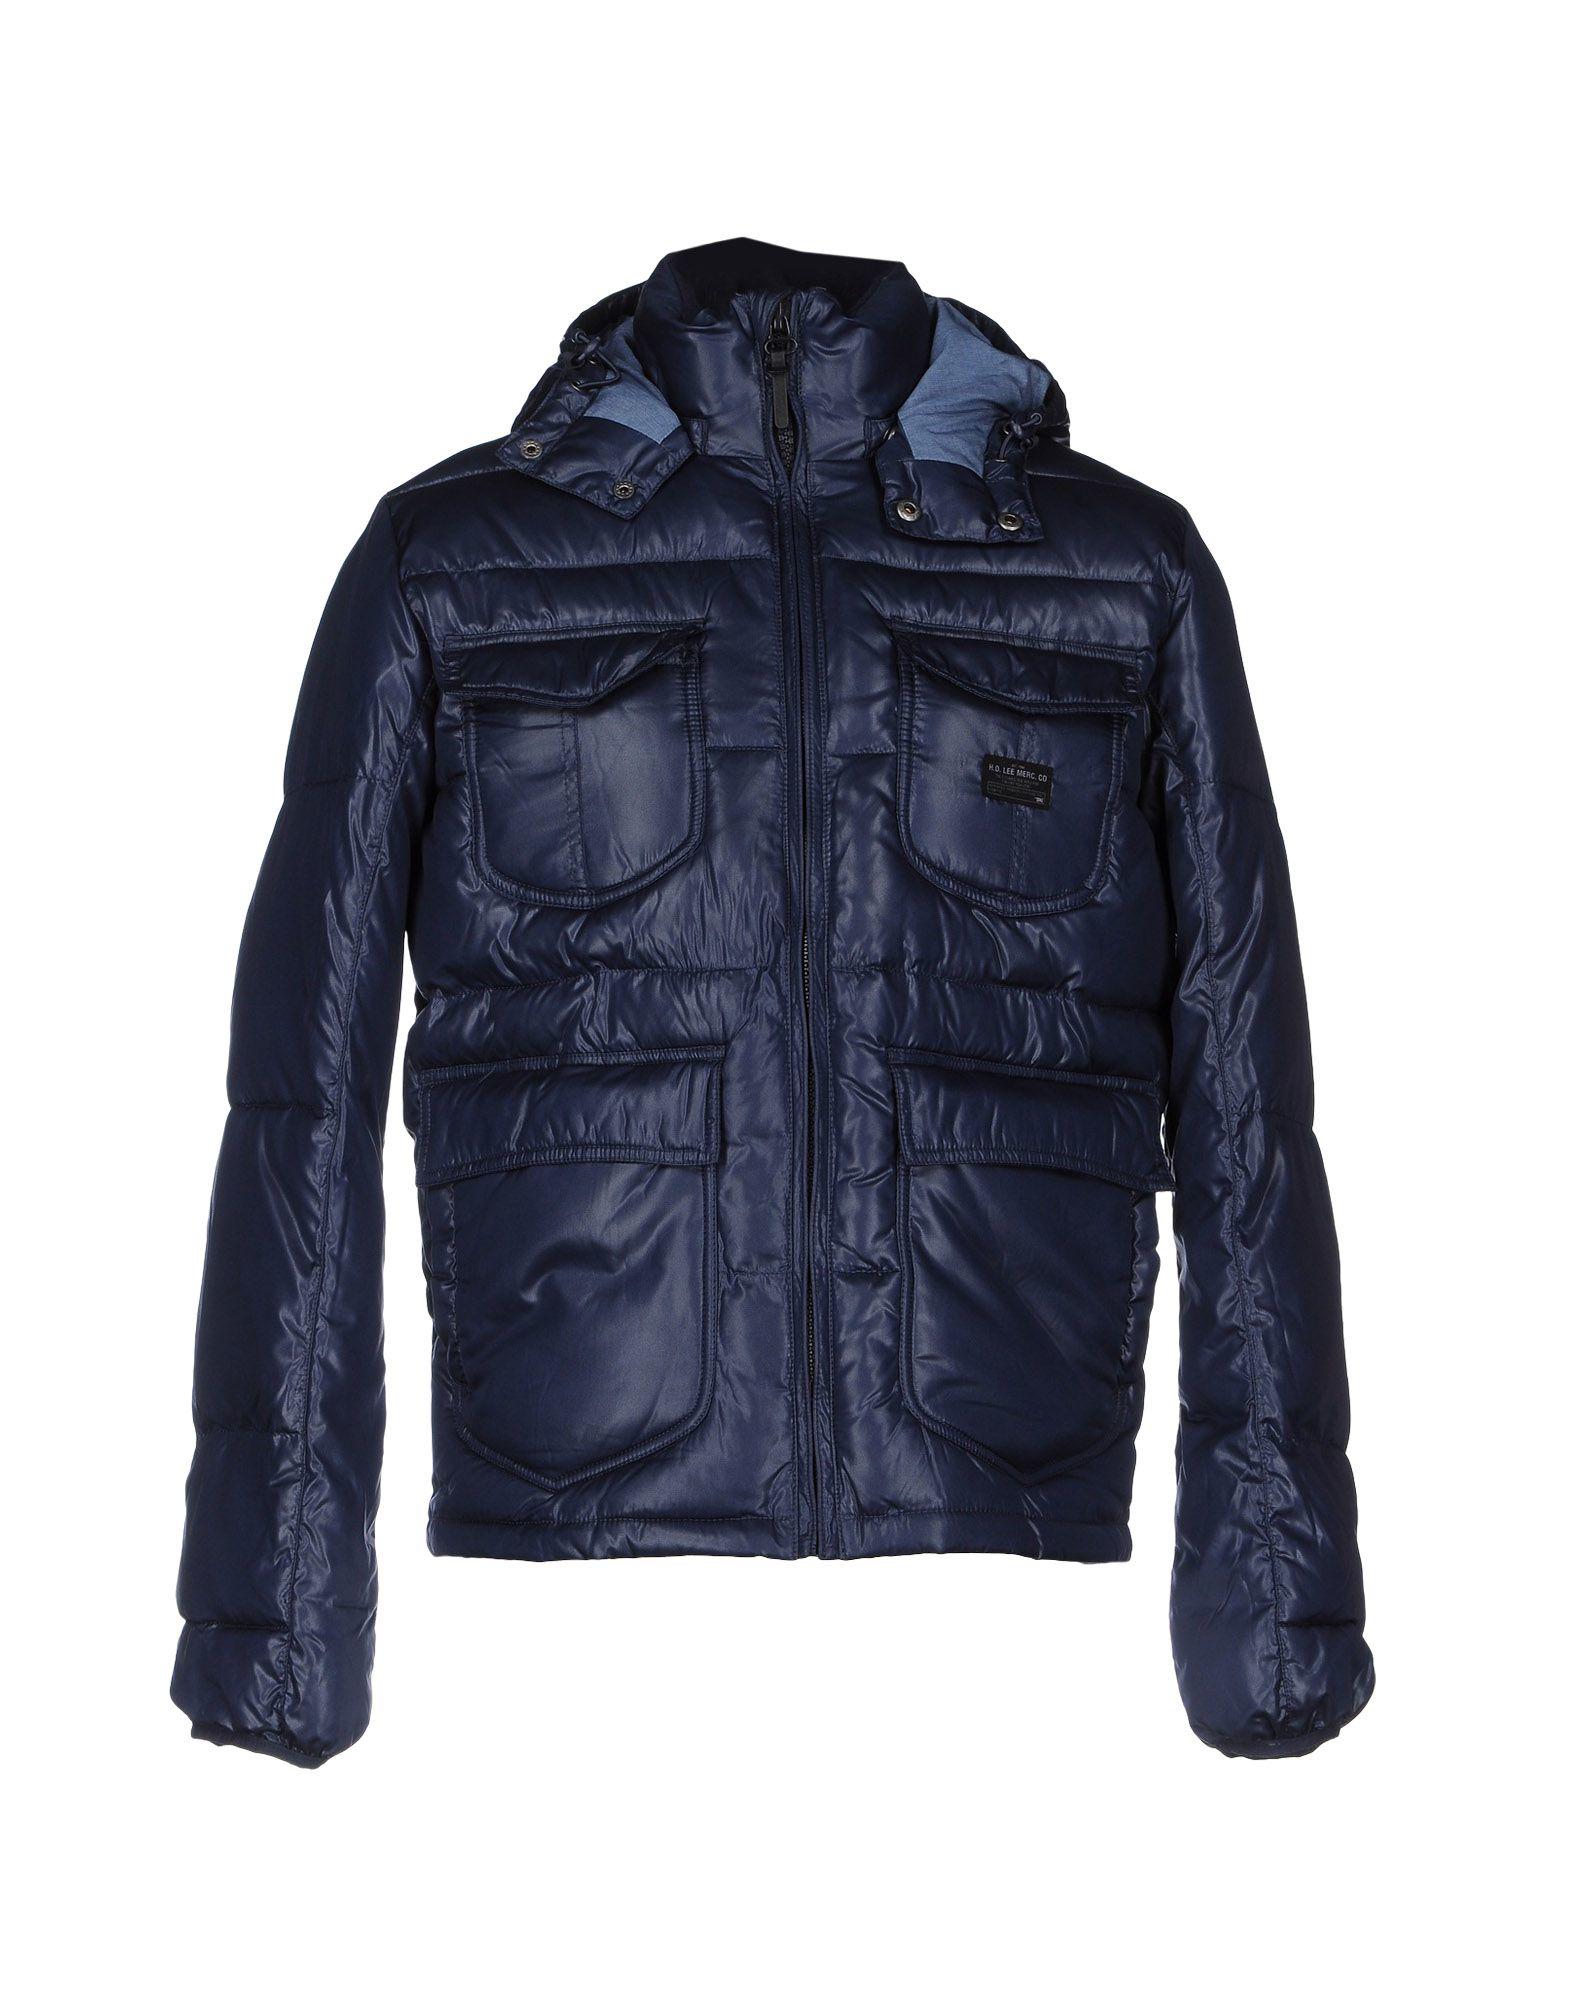 Lee jeans Jacket in Blue for Men